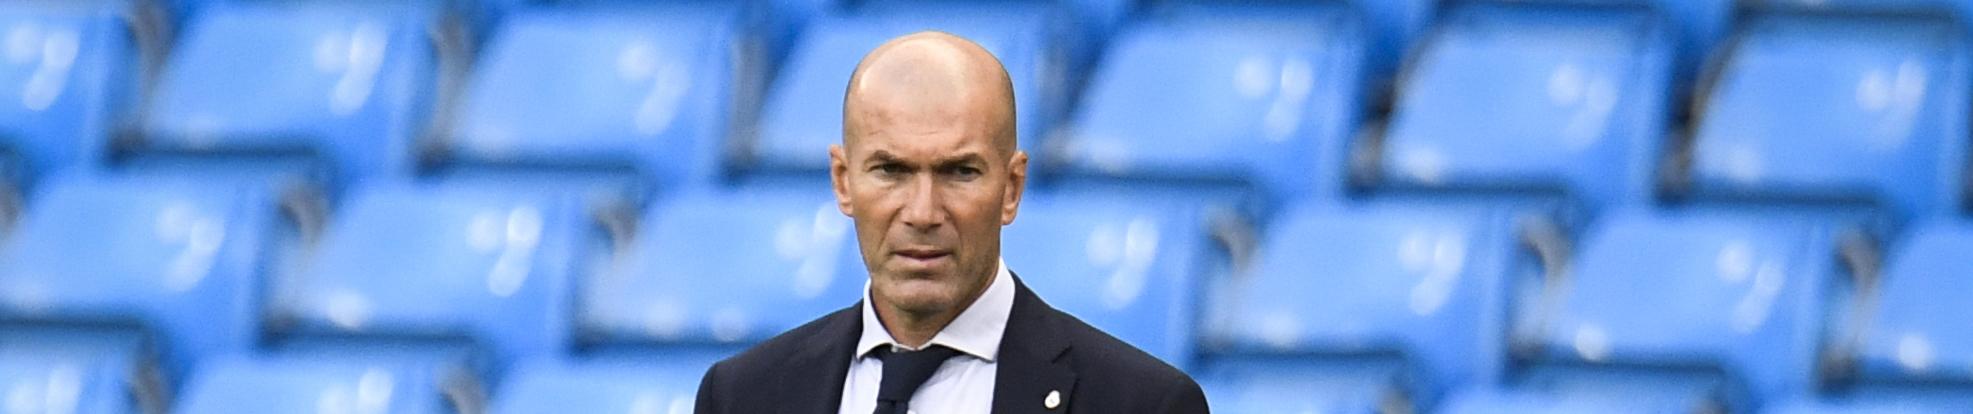 Real Sociedad-Real Madrid, campioni di Spagna al debutto: come stanno le merengues?